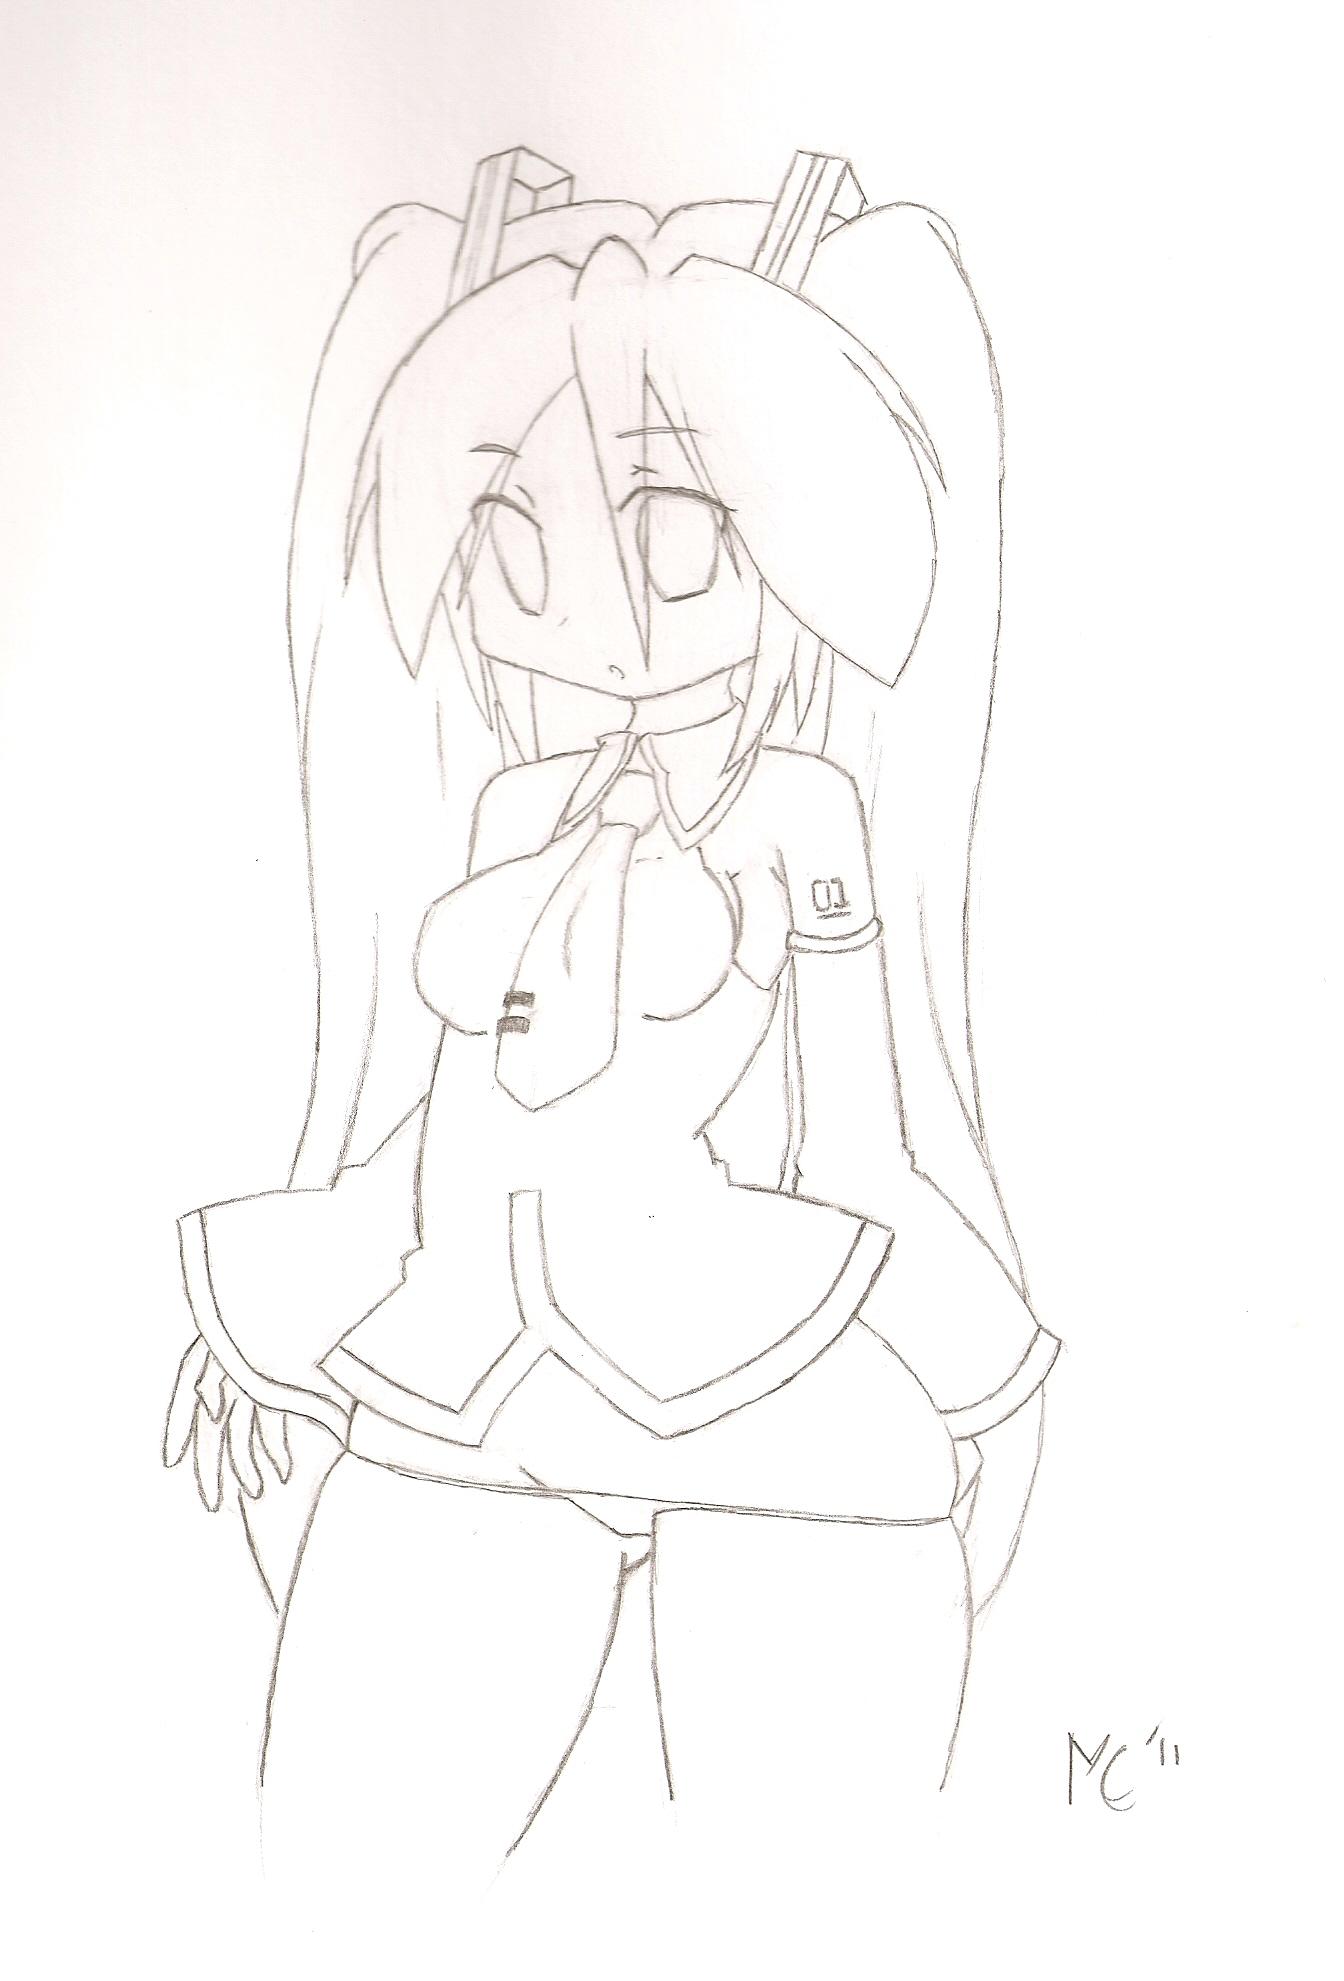 Another Miku